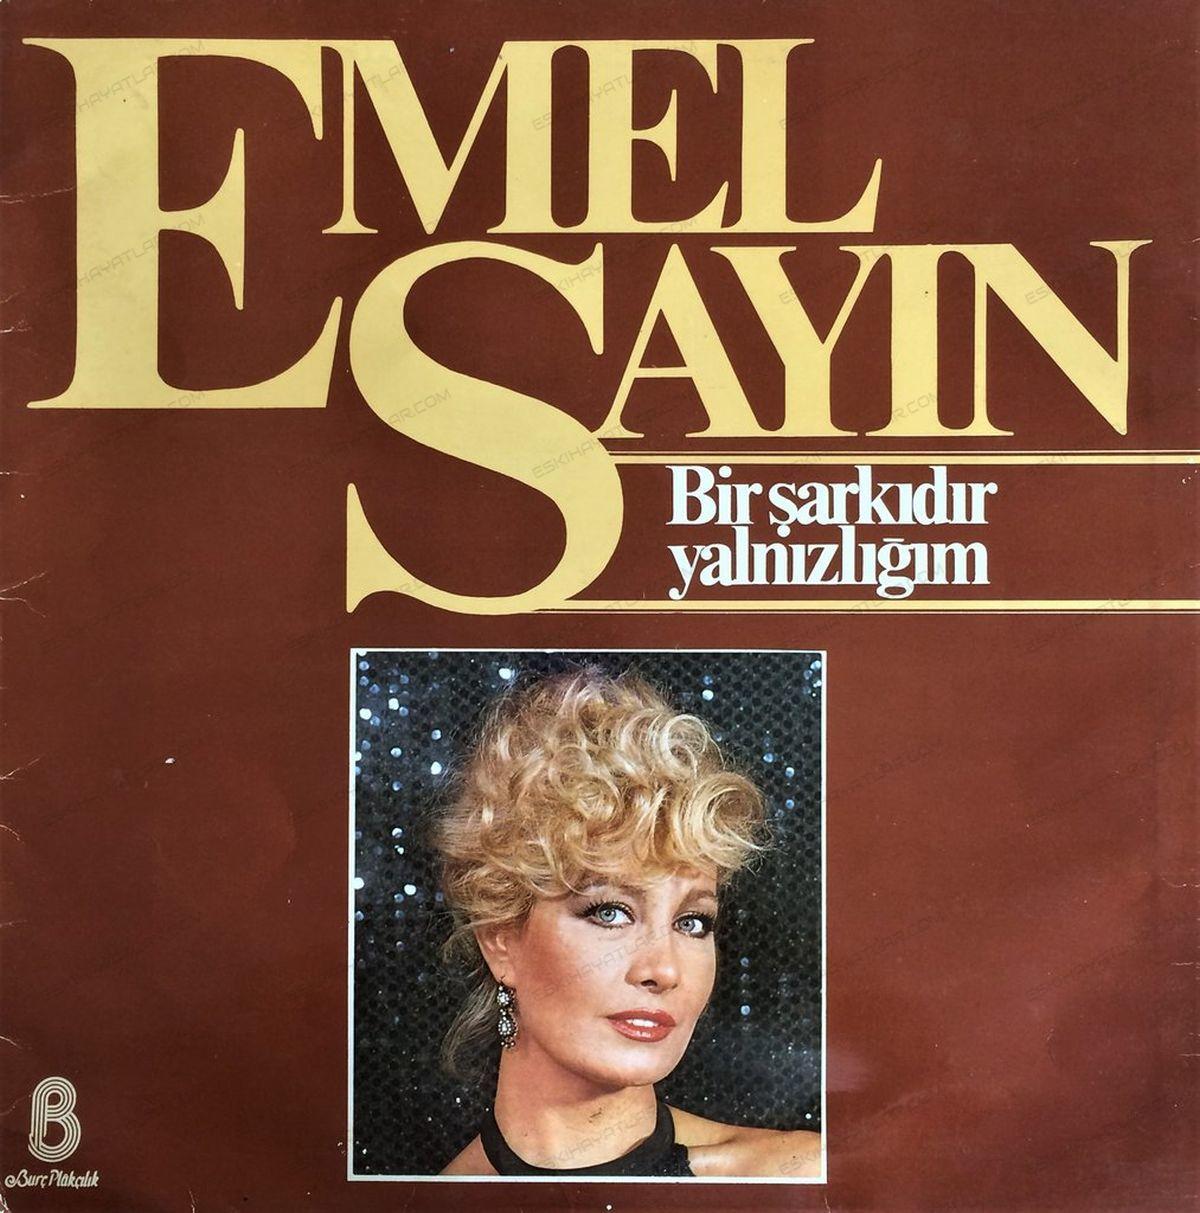 0142-emel-sayin-seksenler-gazino-sevdalilar-albumu-1982-kadinca-dergisi (0)